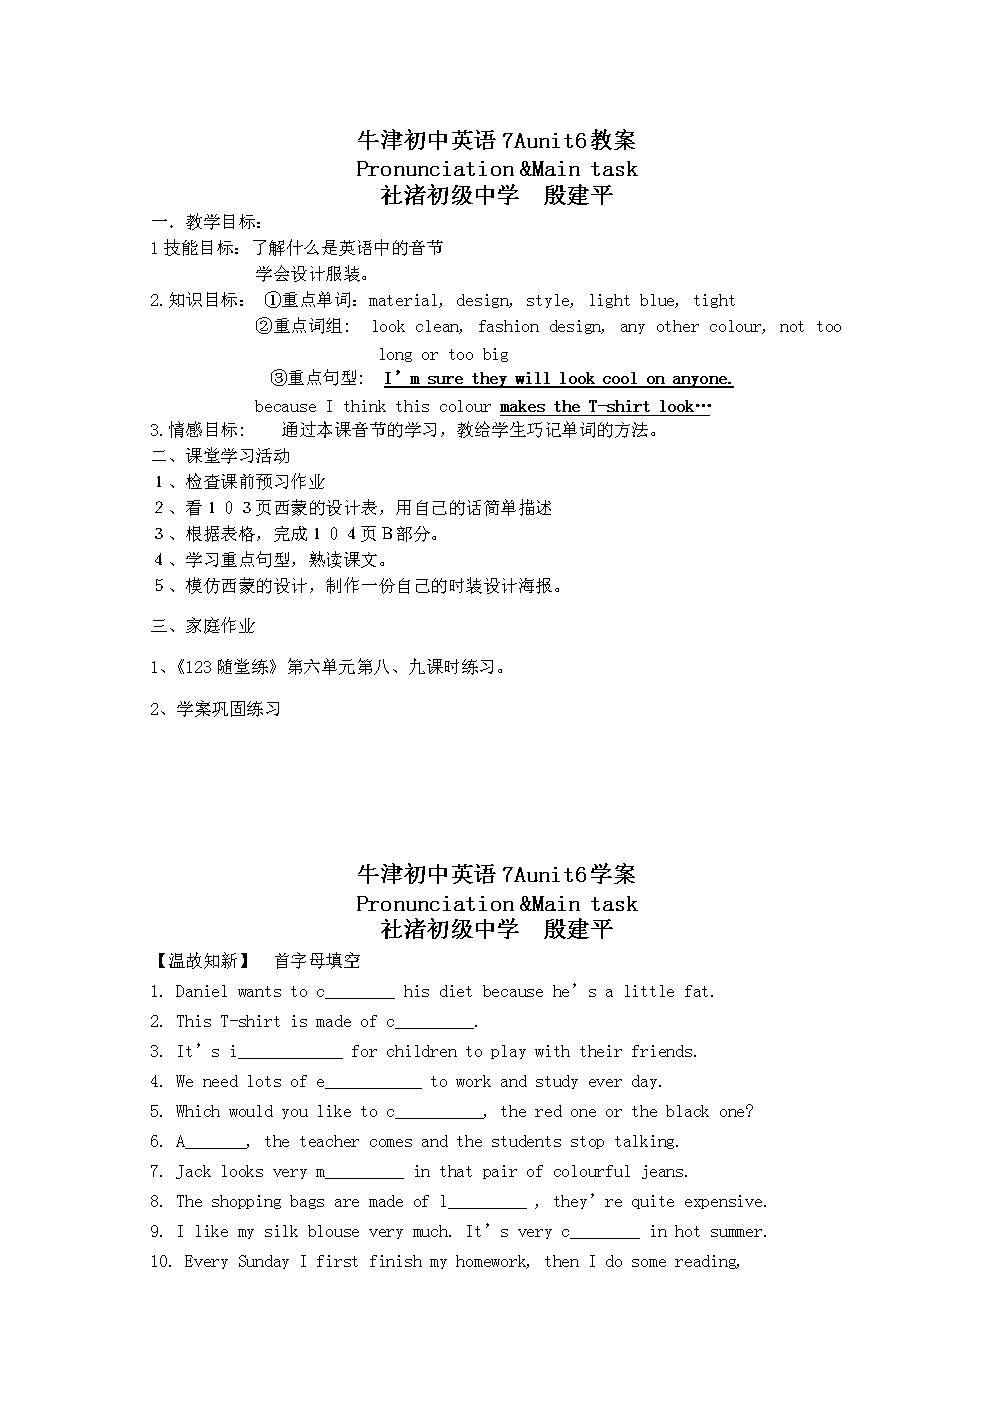 牛津初中英语7Aunit6初中Pronunciation&Mai名言教案v初中课外图片